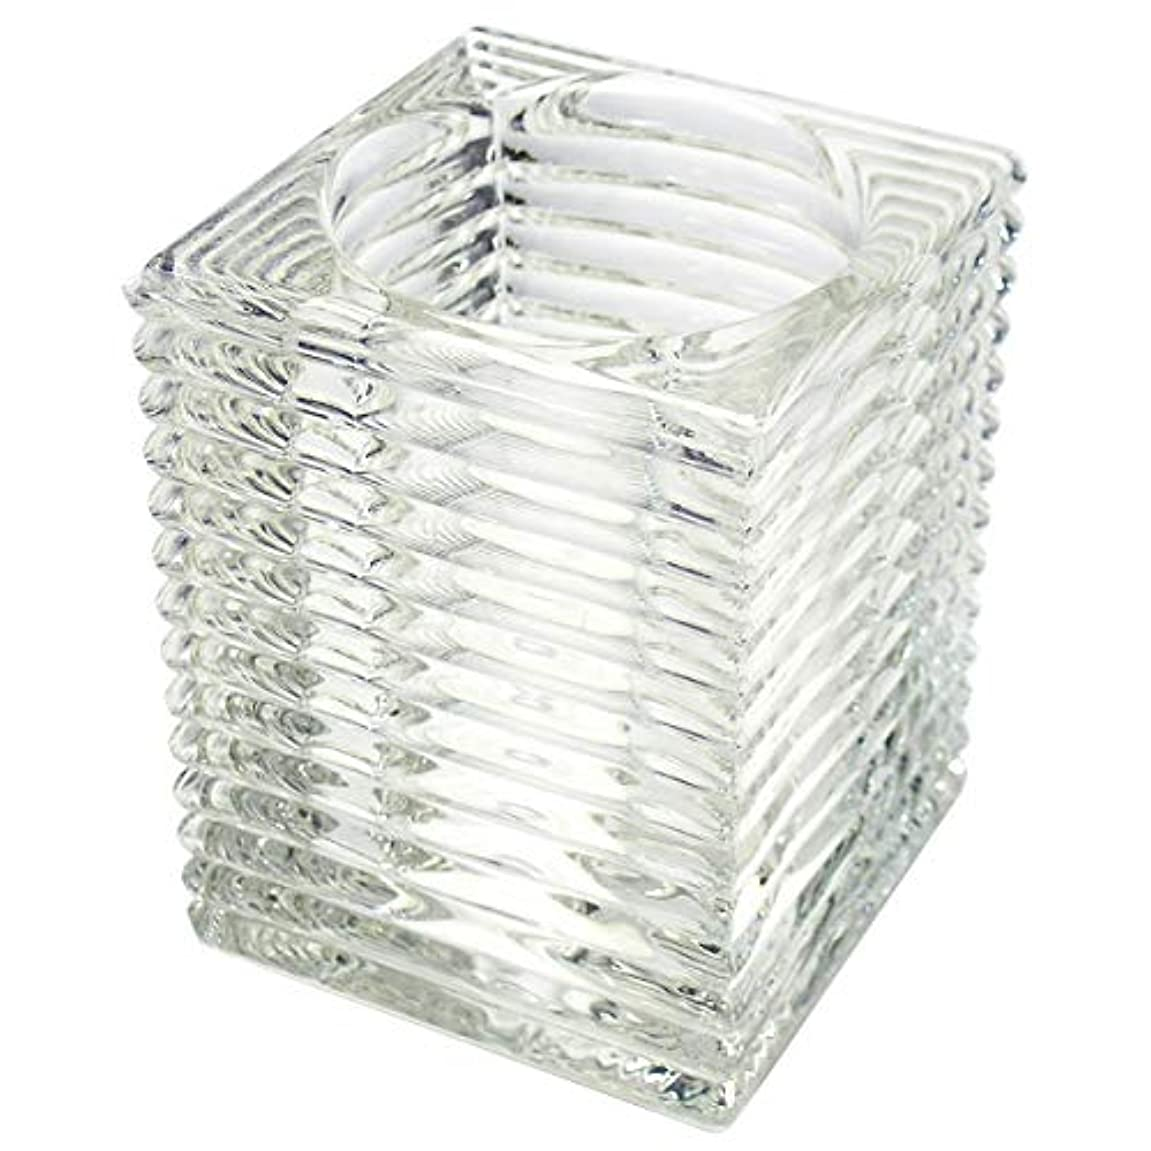 銀ダイジェスト発行するキャンドルホルダー ガラス6 キャンドルスタンド ろうそく立て ティーライトキャンドル ティーキャンドル